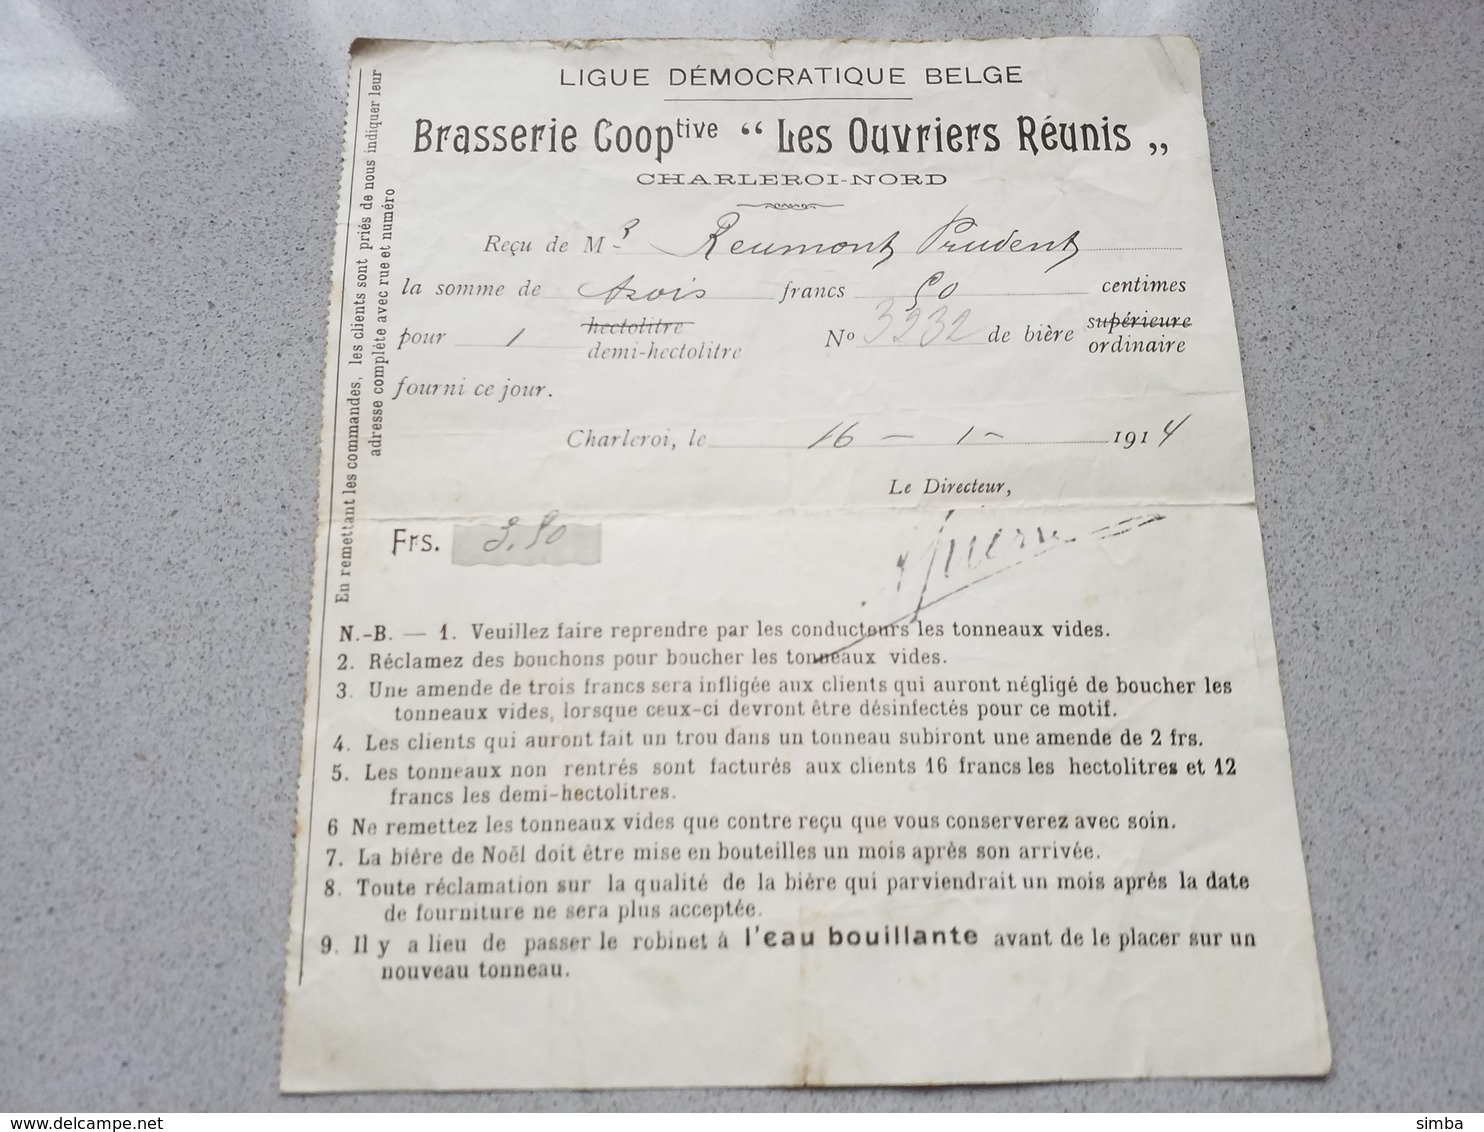 Charleroi Brasserie Coopérative Les Ouvriers Reunis Reçu 1914 - Belgique